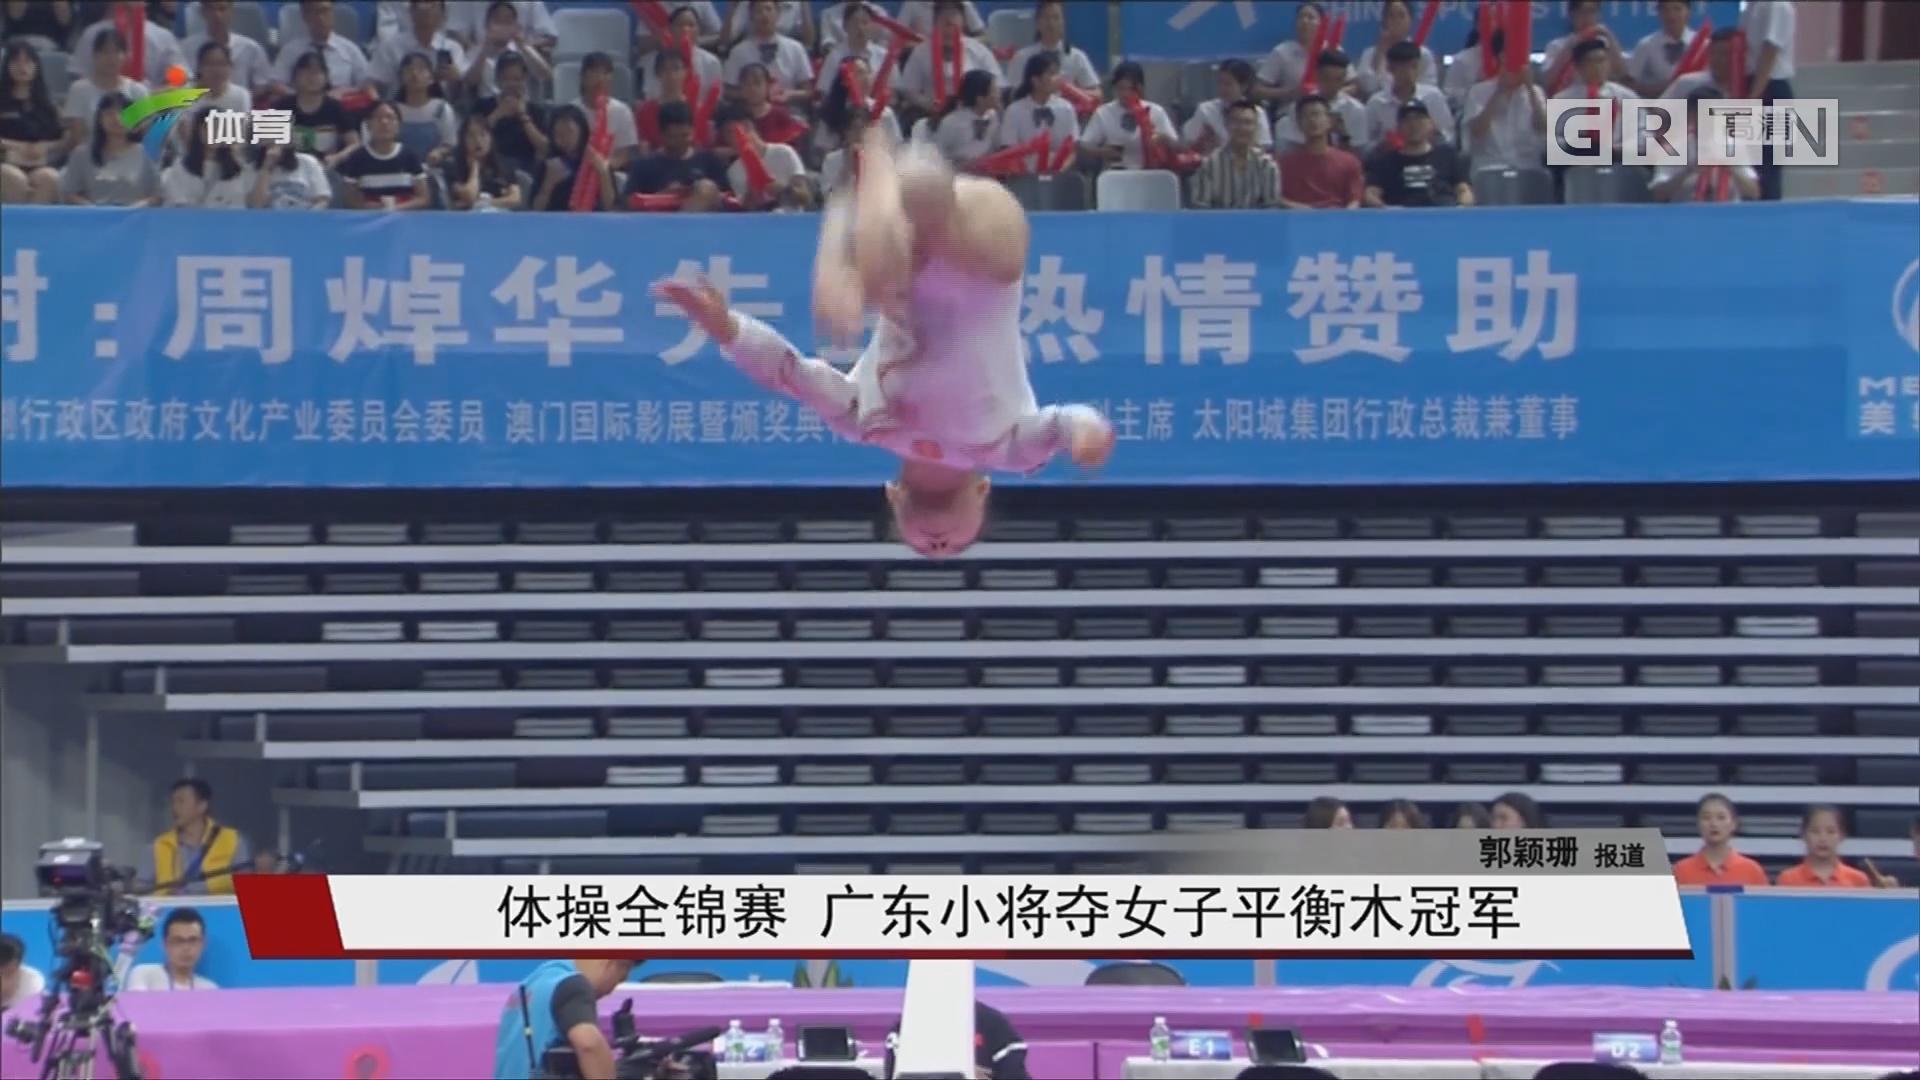 体操全锦赛 manbetx手机版 - 登陆小将夺女子平衡木冠军